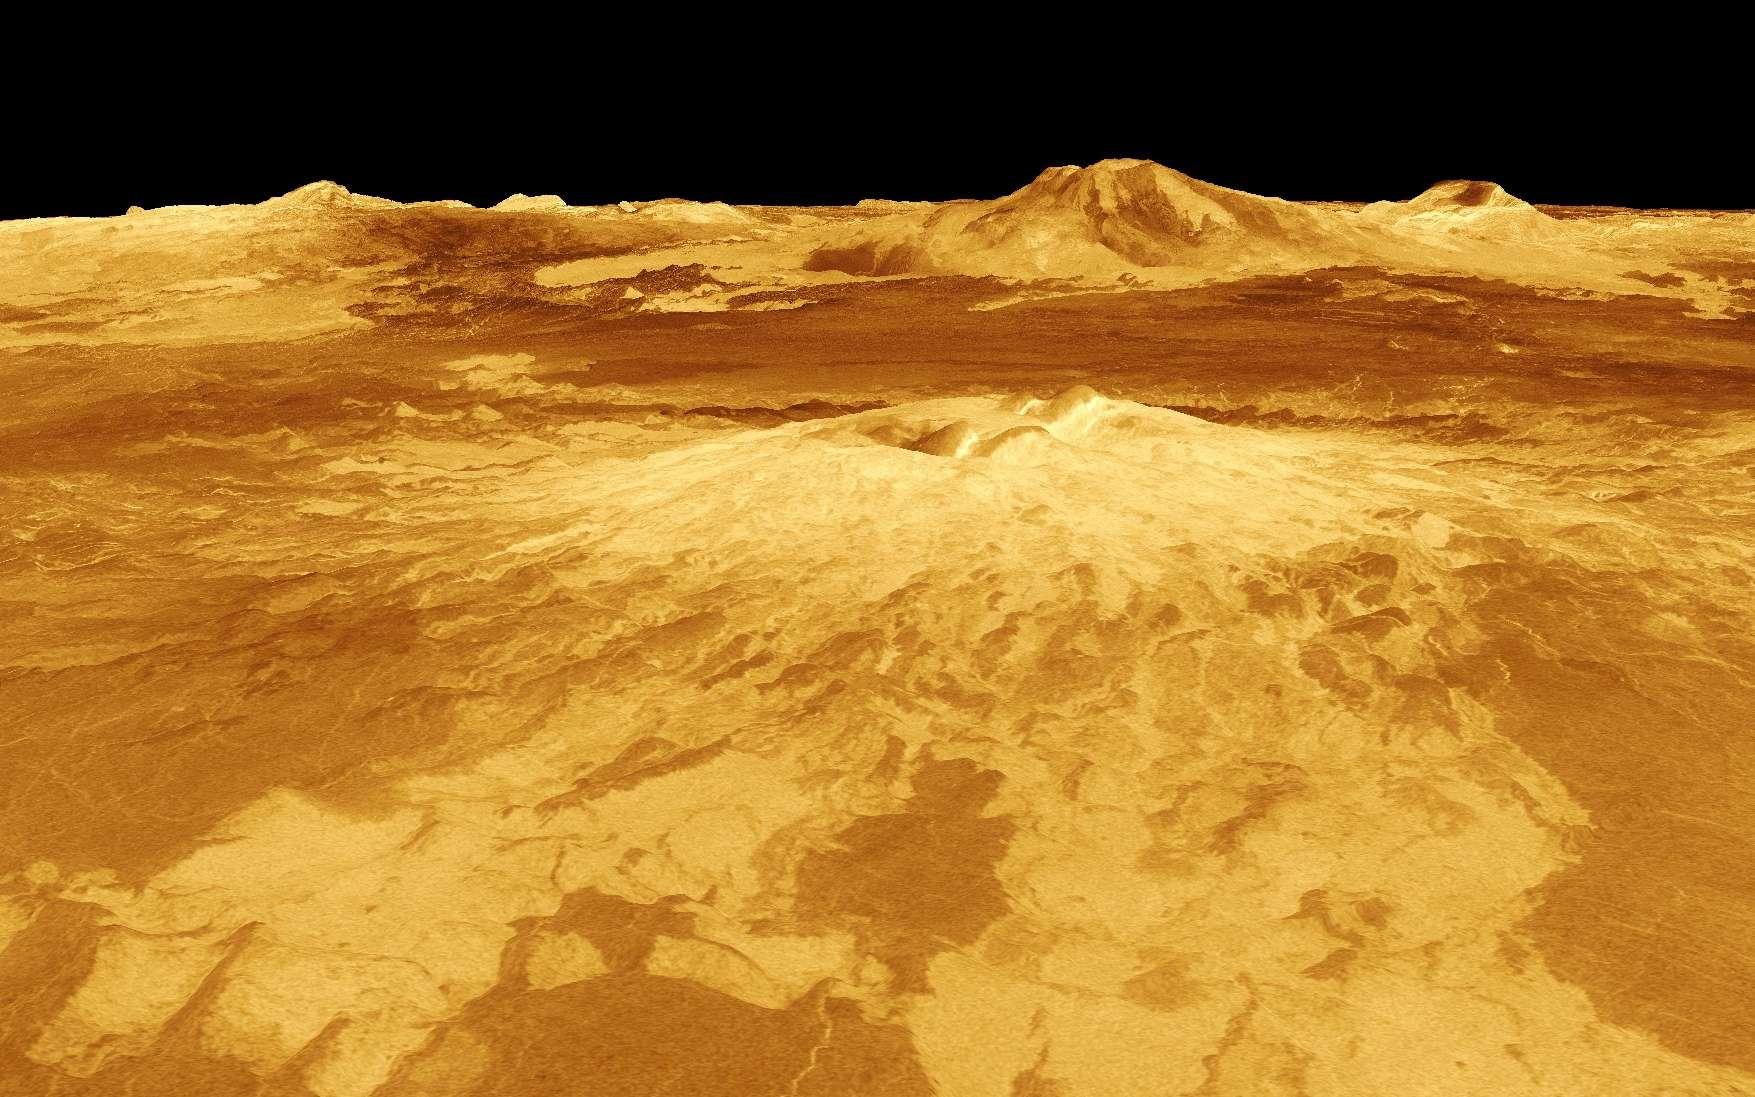 Sur cette image, la topographie de Vénus dérivée des données de Magellan montre Idunn Mons. Son altitude de 2,5 kilomètres a été exagérée par rapport à la plaine environnante qui s'étend sur 200 kilomètres environ. Les couleurs, reliées au flux de chaleur, indiquent un changement de composition au sommet du volcan. © Nasa-ESA